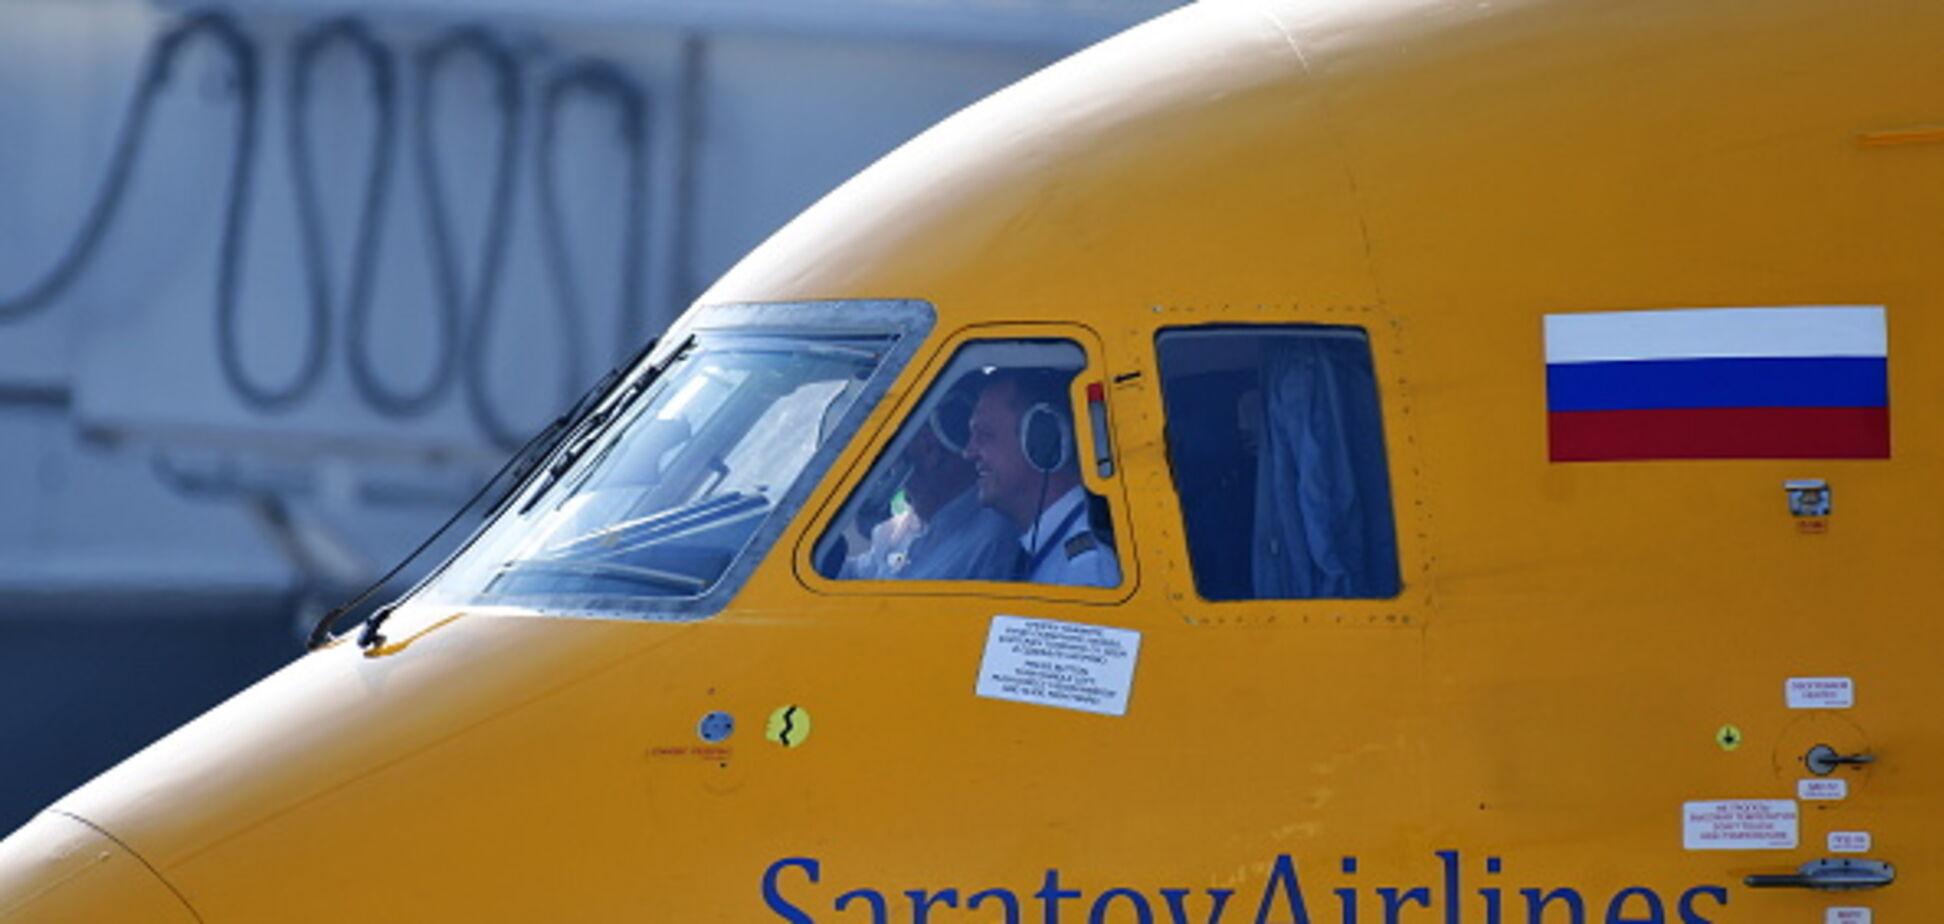 Пилот разбившегося Ан-148 был без образования - СМИ